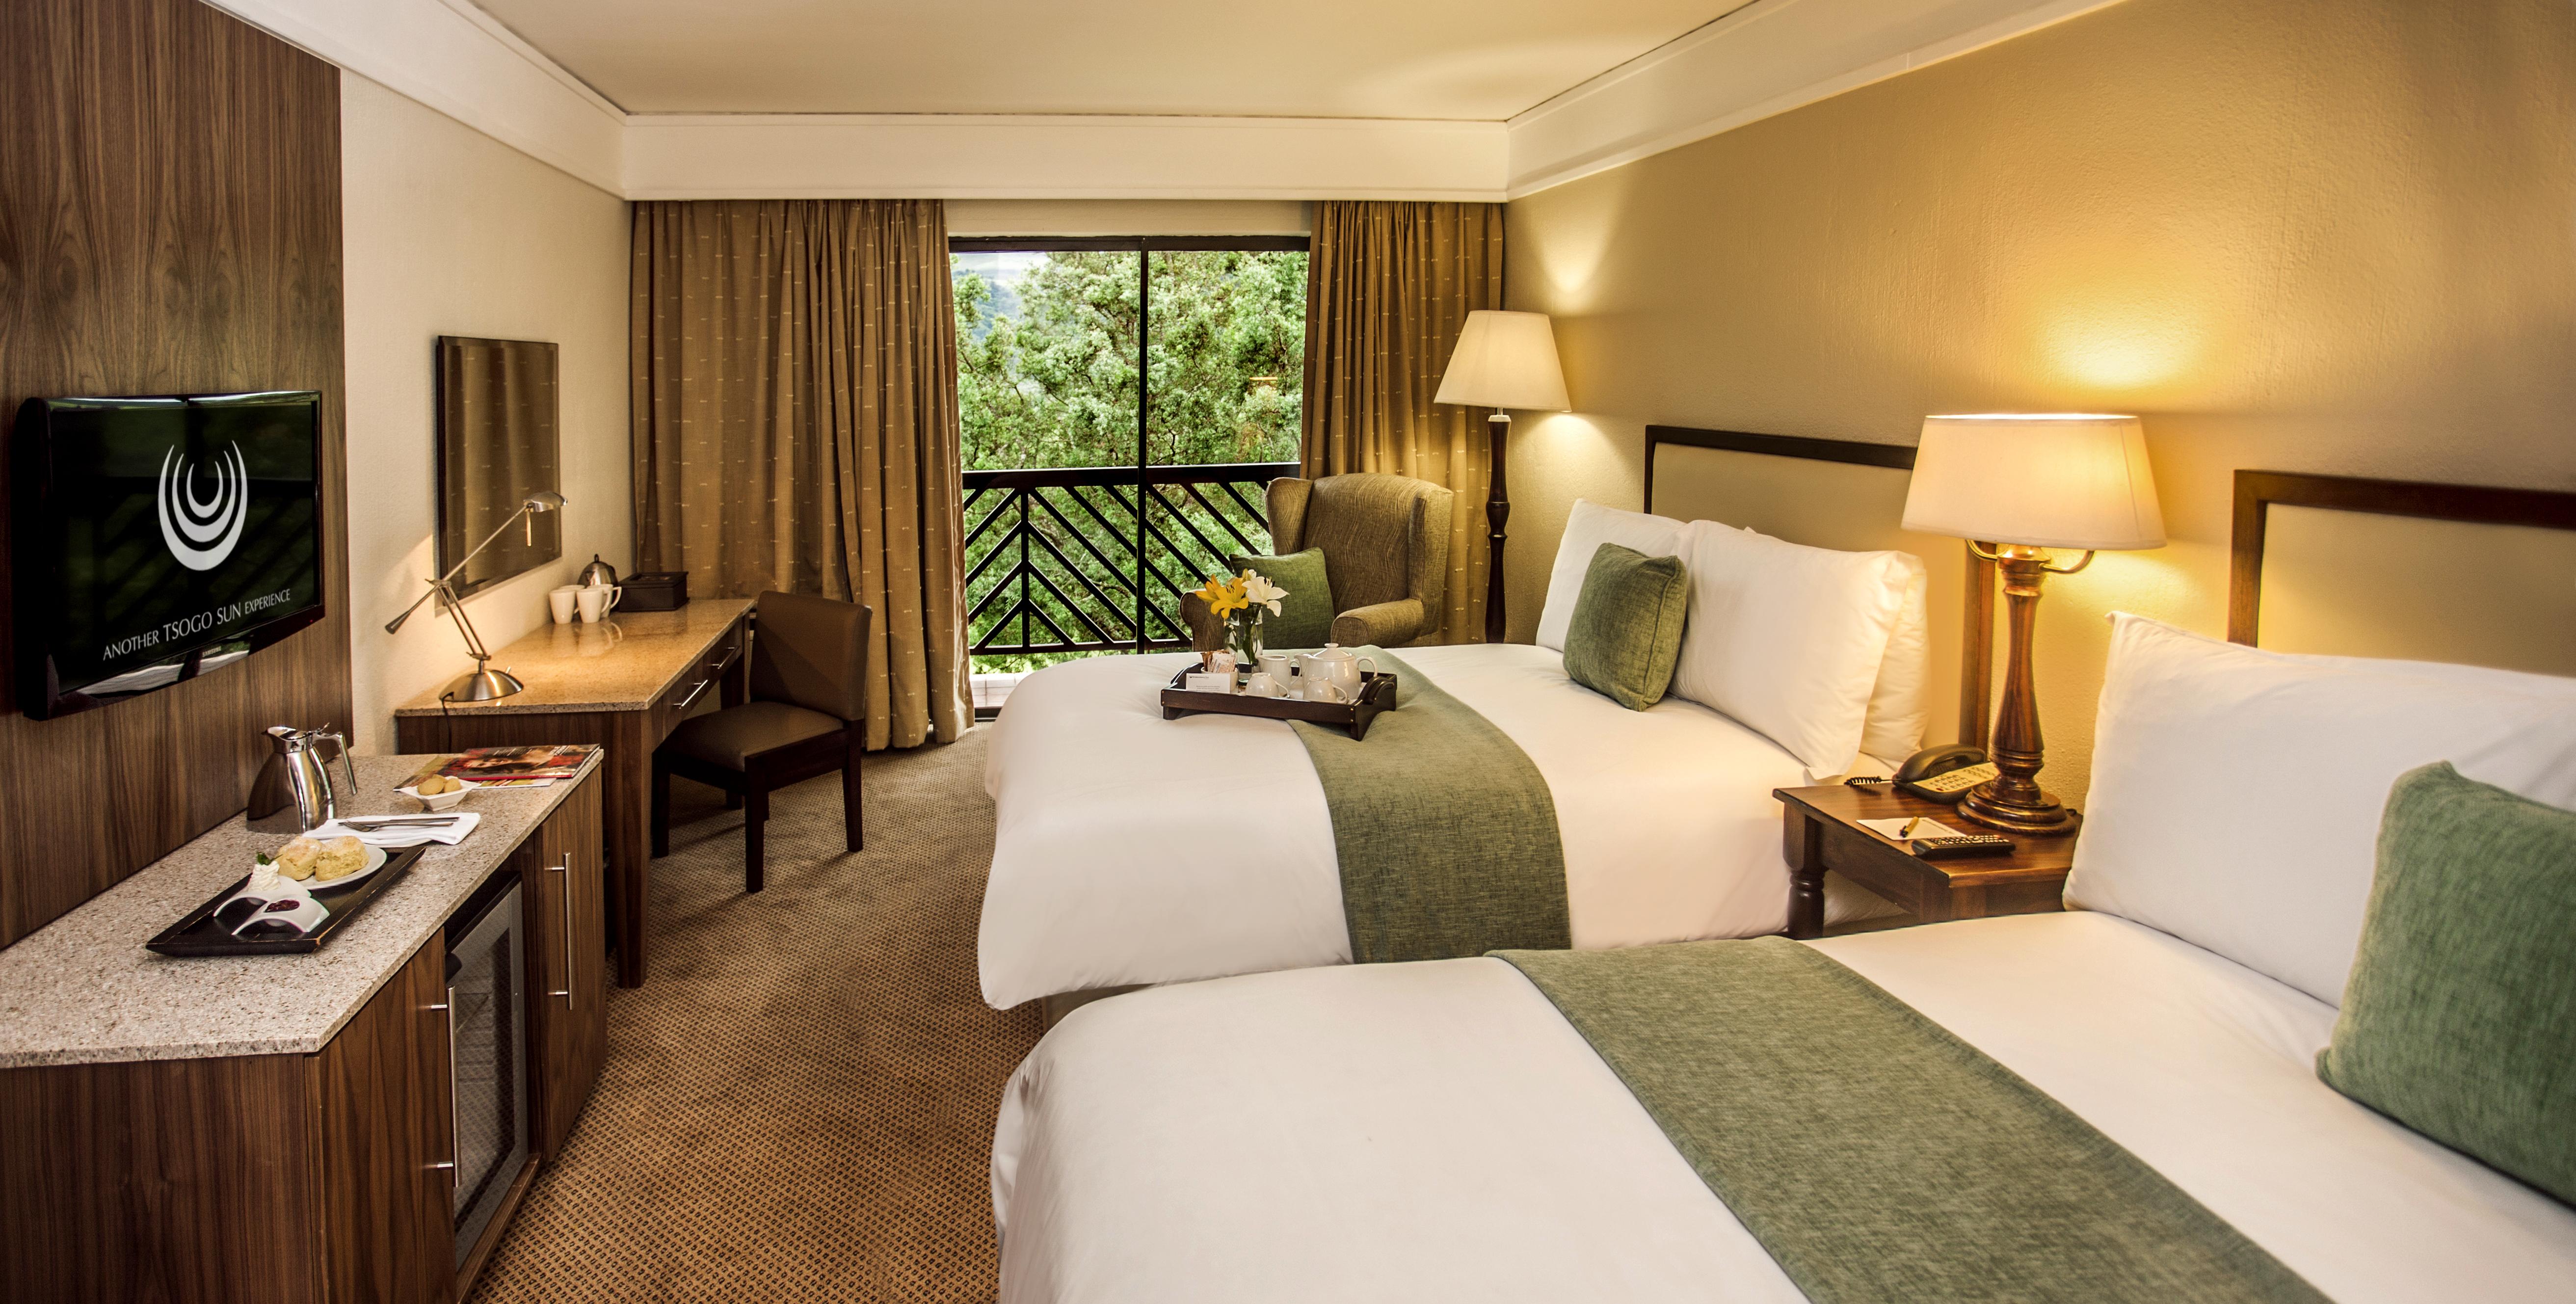 Bed Design In Bedroom